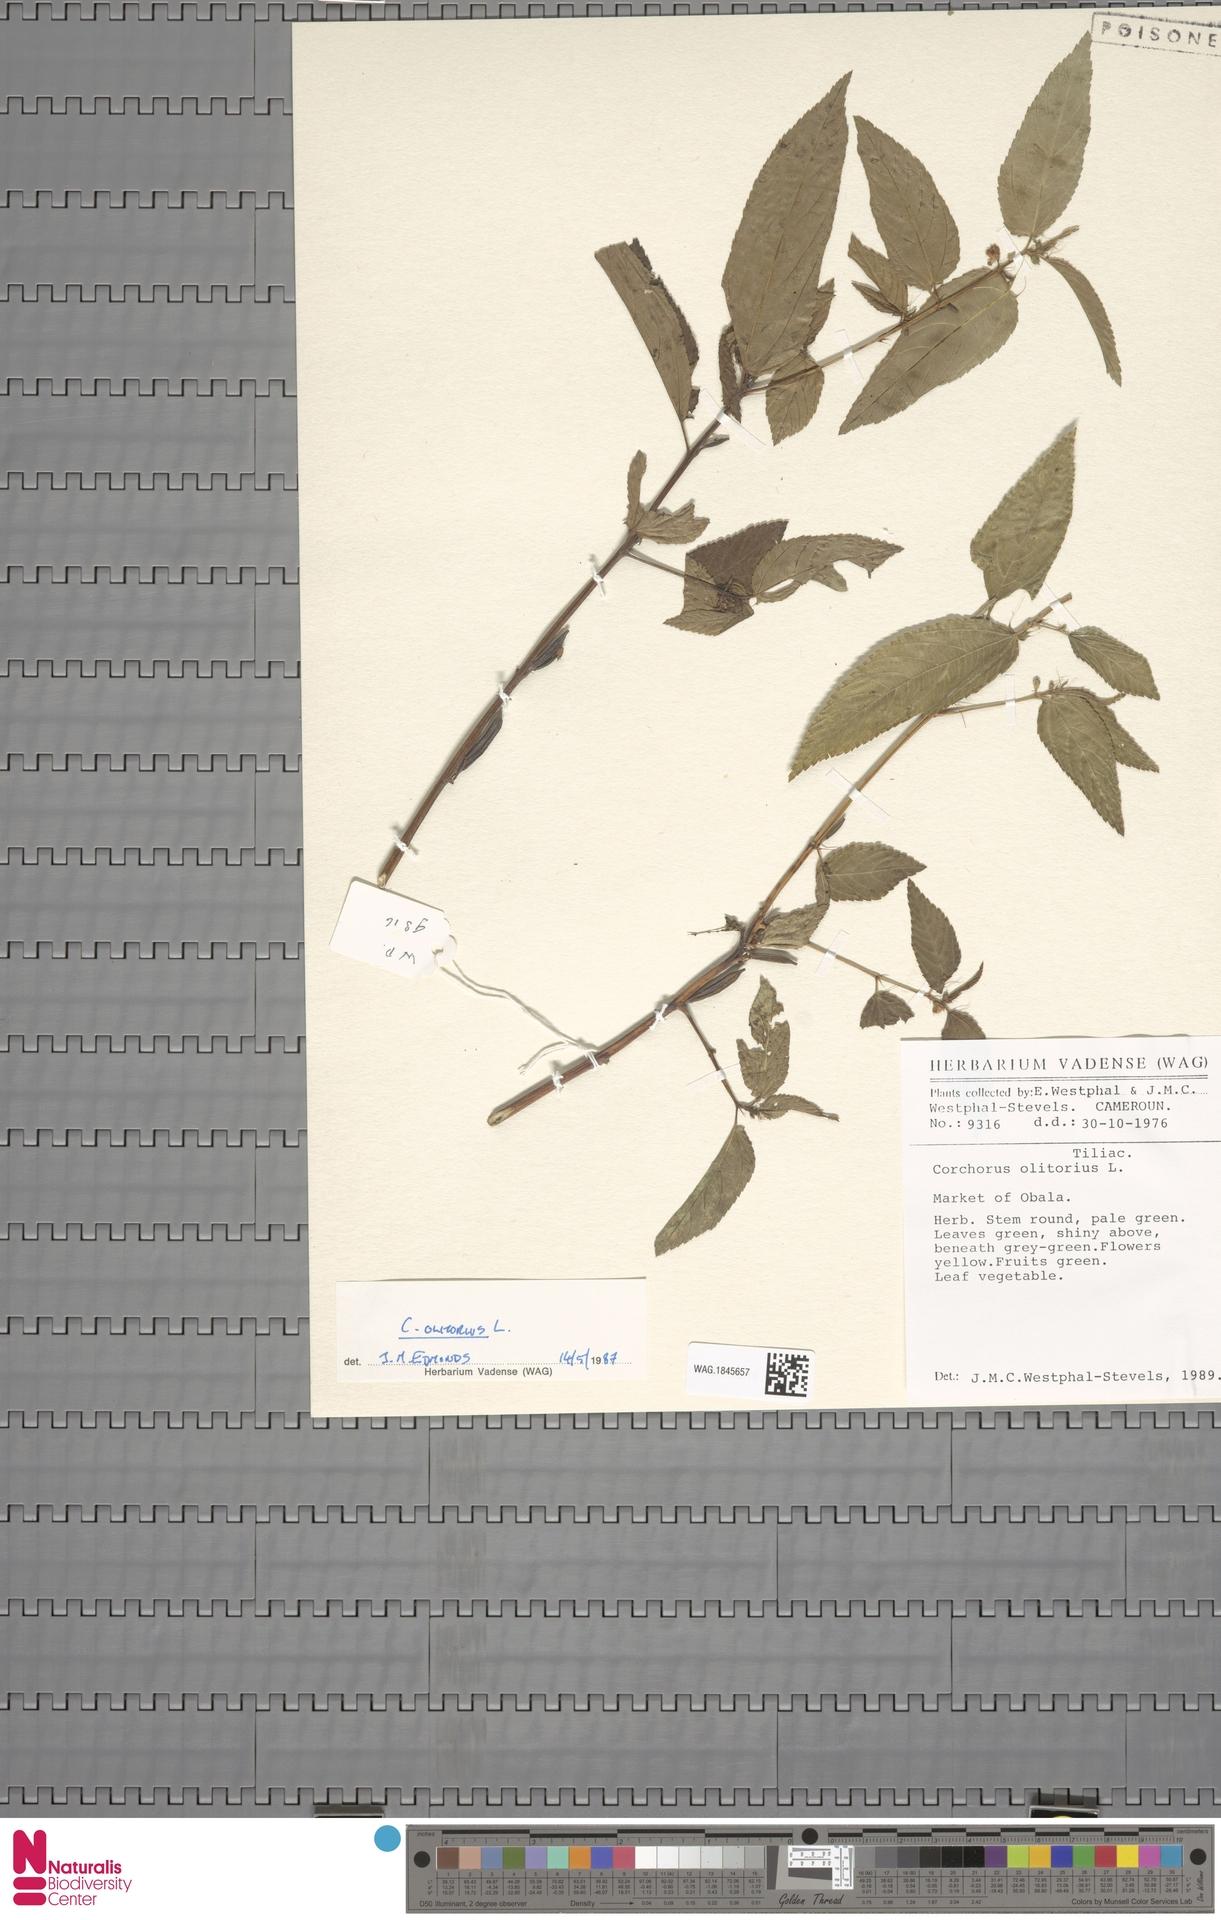 WAG.1845657   Corchorus olitorius L.